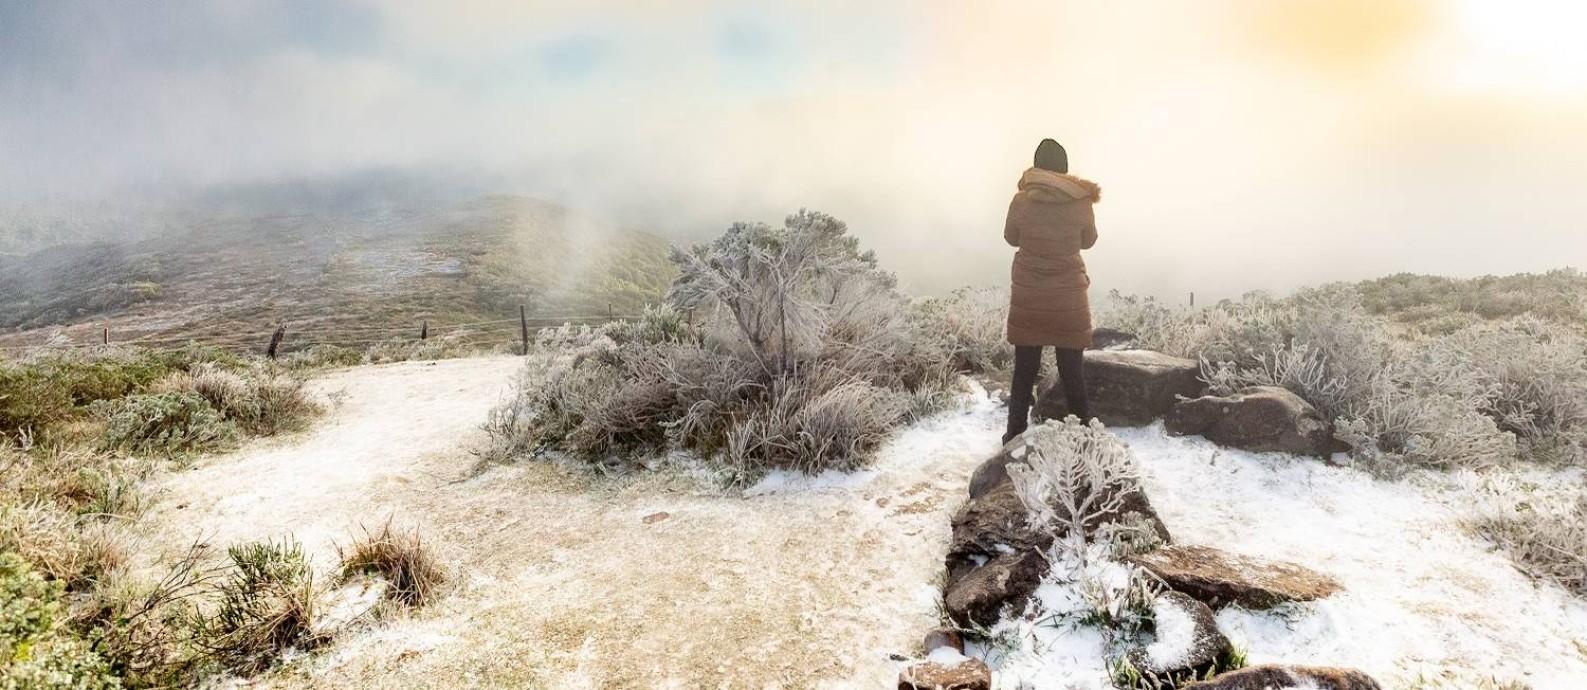 Registro de Urupema, na Serra Catarinense, na manhã de 29 de junho, quando os termômetros marcavam -7°C. Foto: Roger Fraga / Altos da Trilha / Divulgação